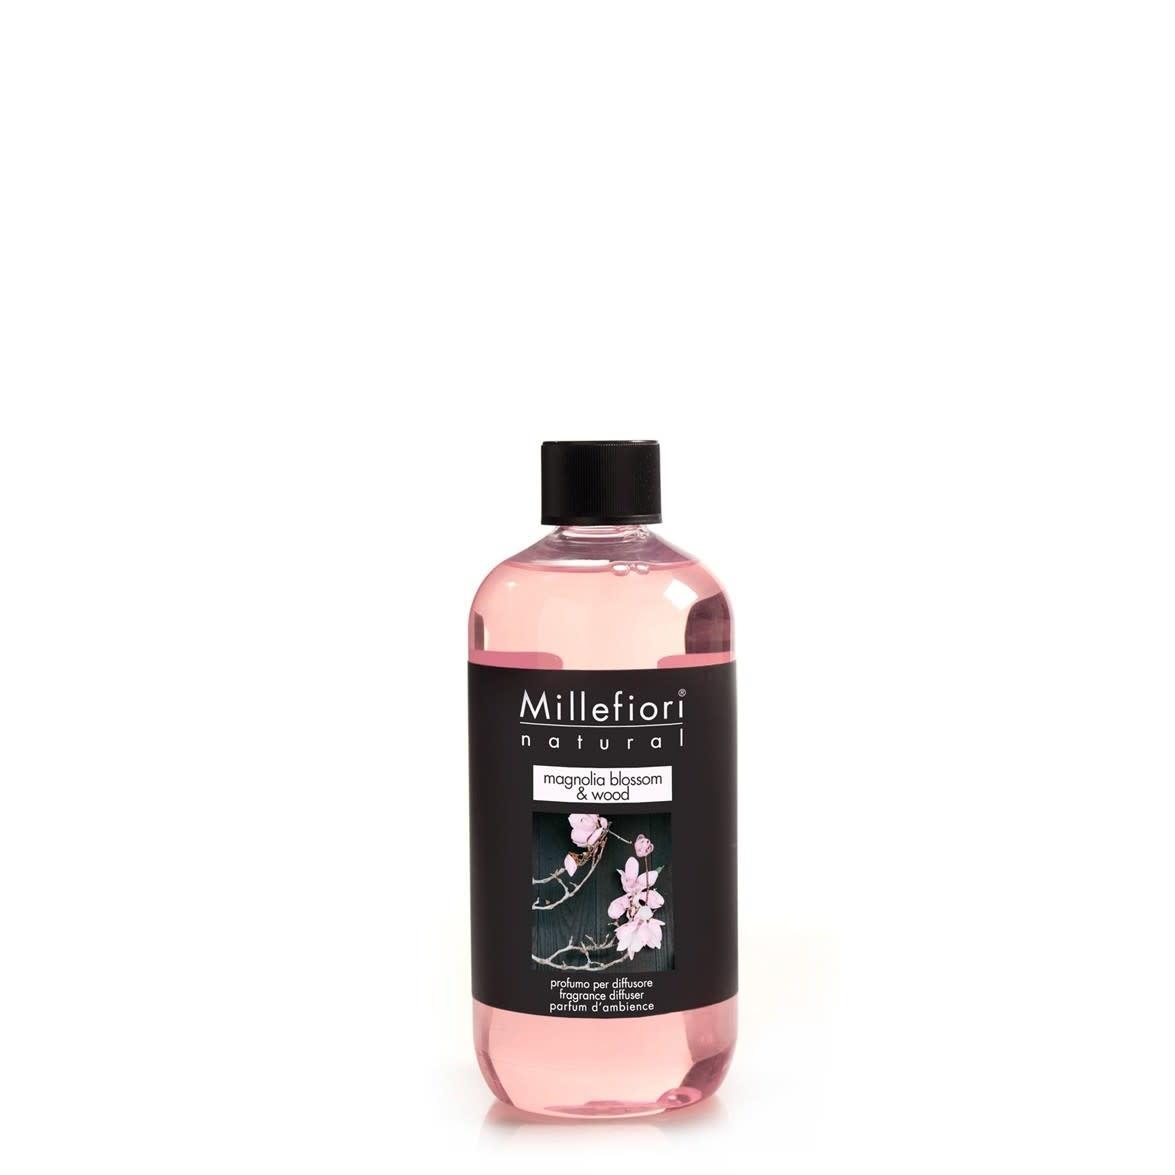 Millefiori Milano Refill For Stick Diffuser 250 ml Magnolia Blossom & Wood